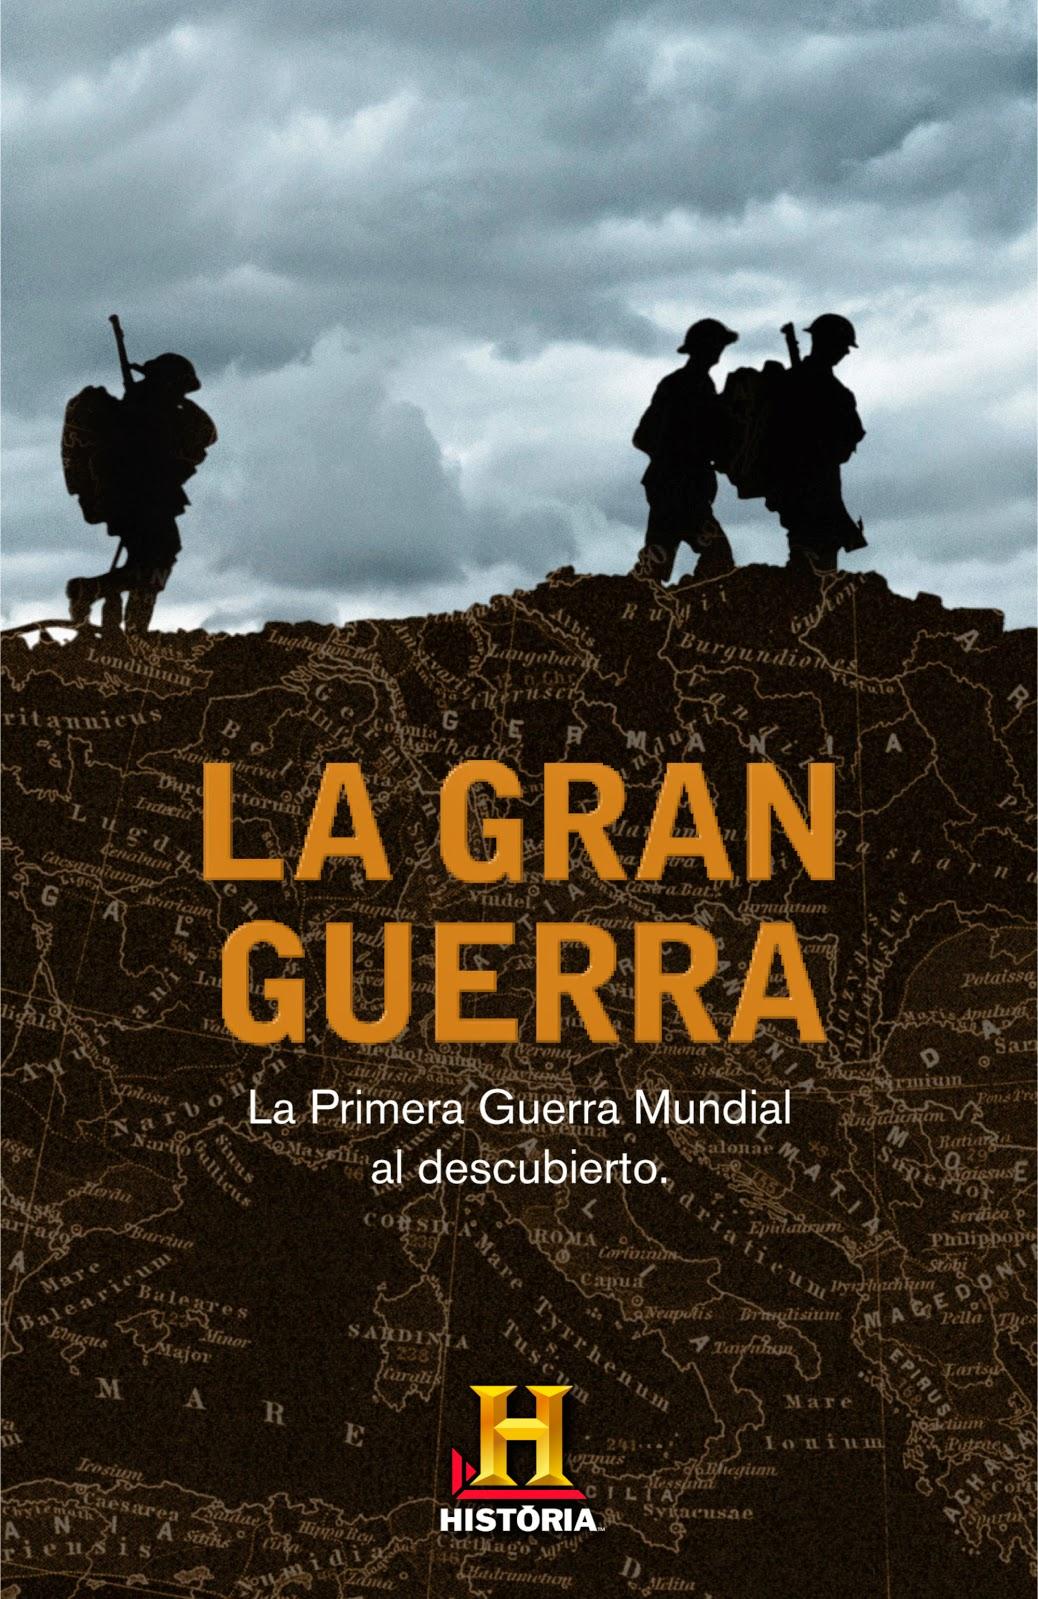 La gran guerra - Canal Historia (2013)